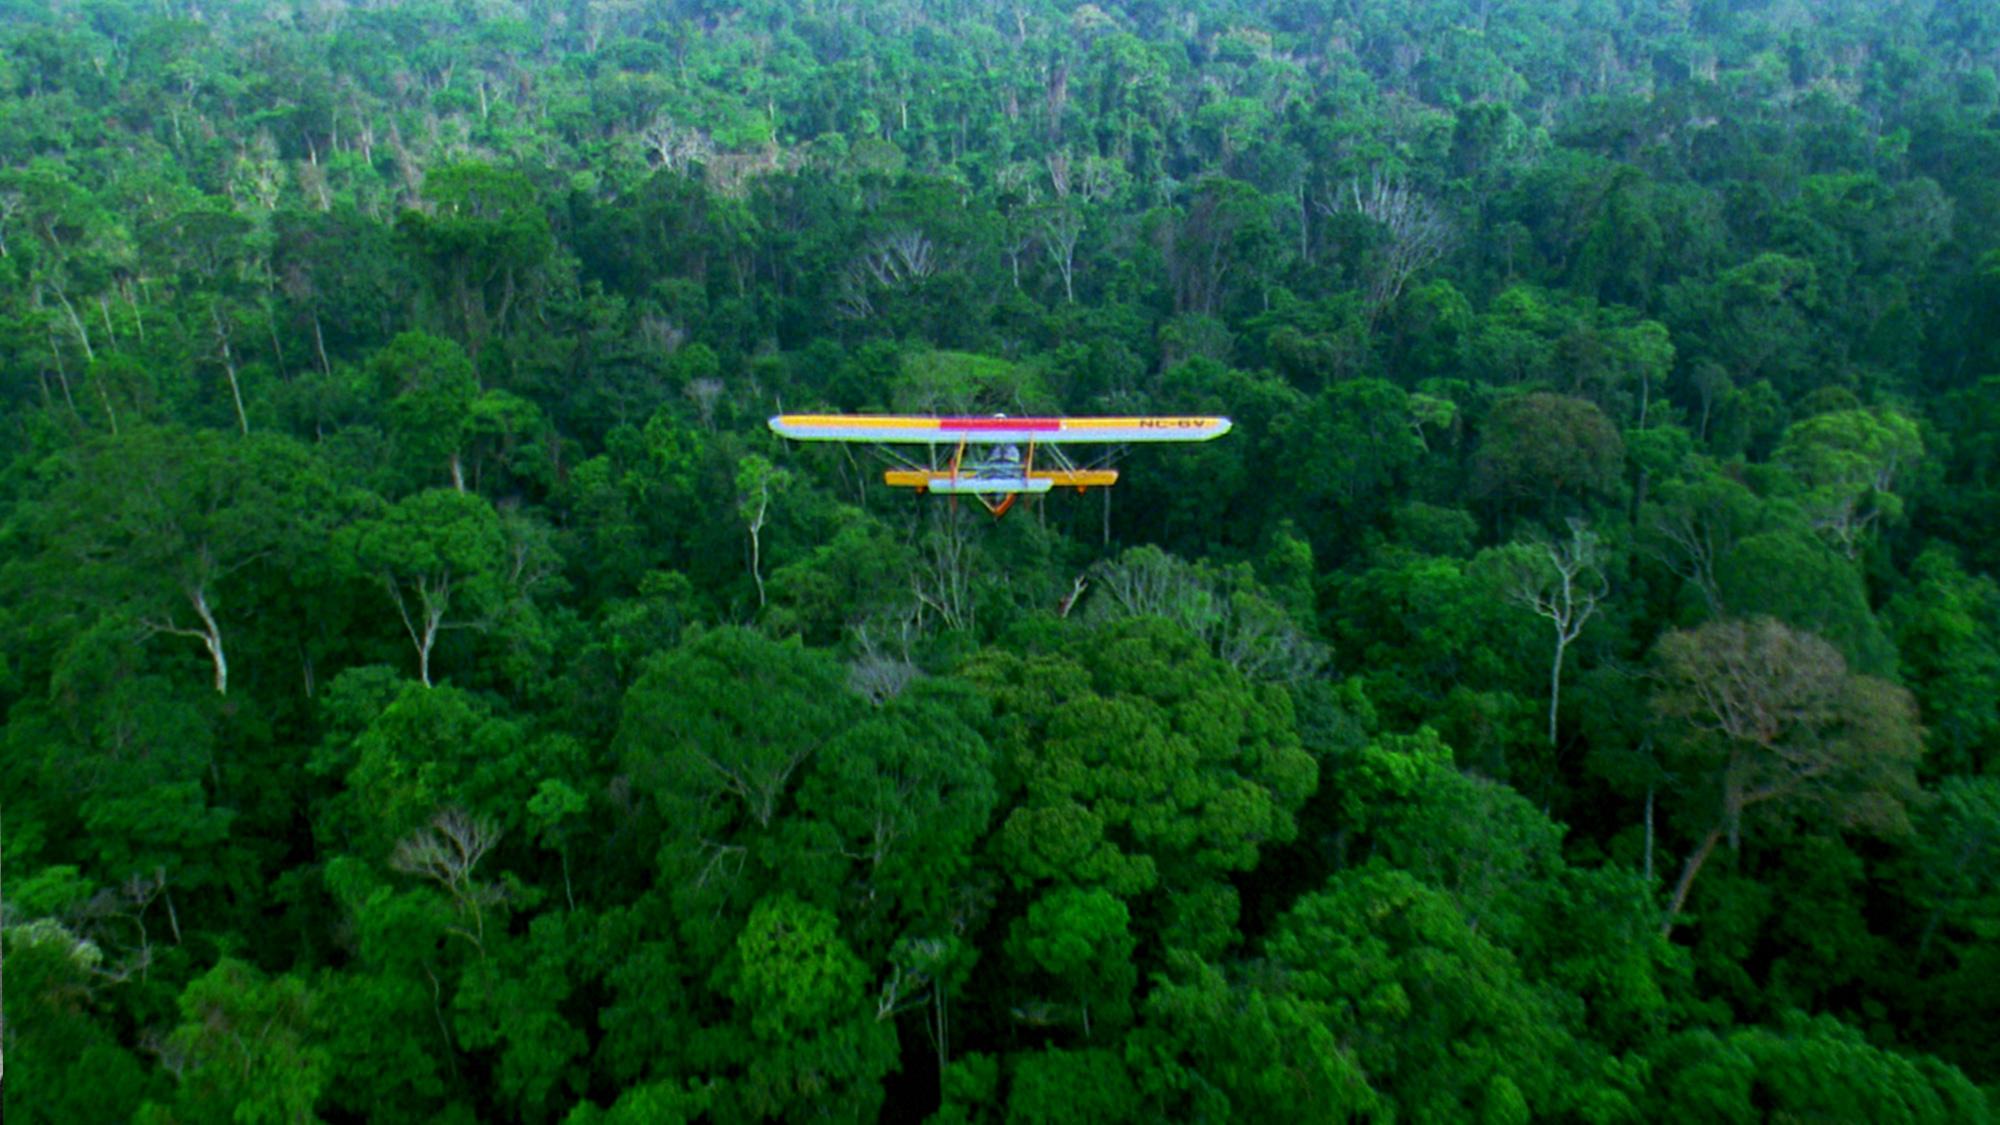 La riproduzione del Sikorsky S-38 commissionata da Sam Johnson per la sua spedizione del 1998 in Brasile.